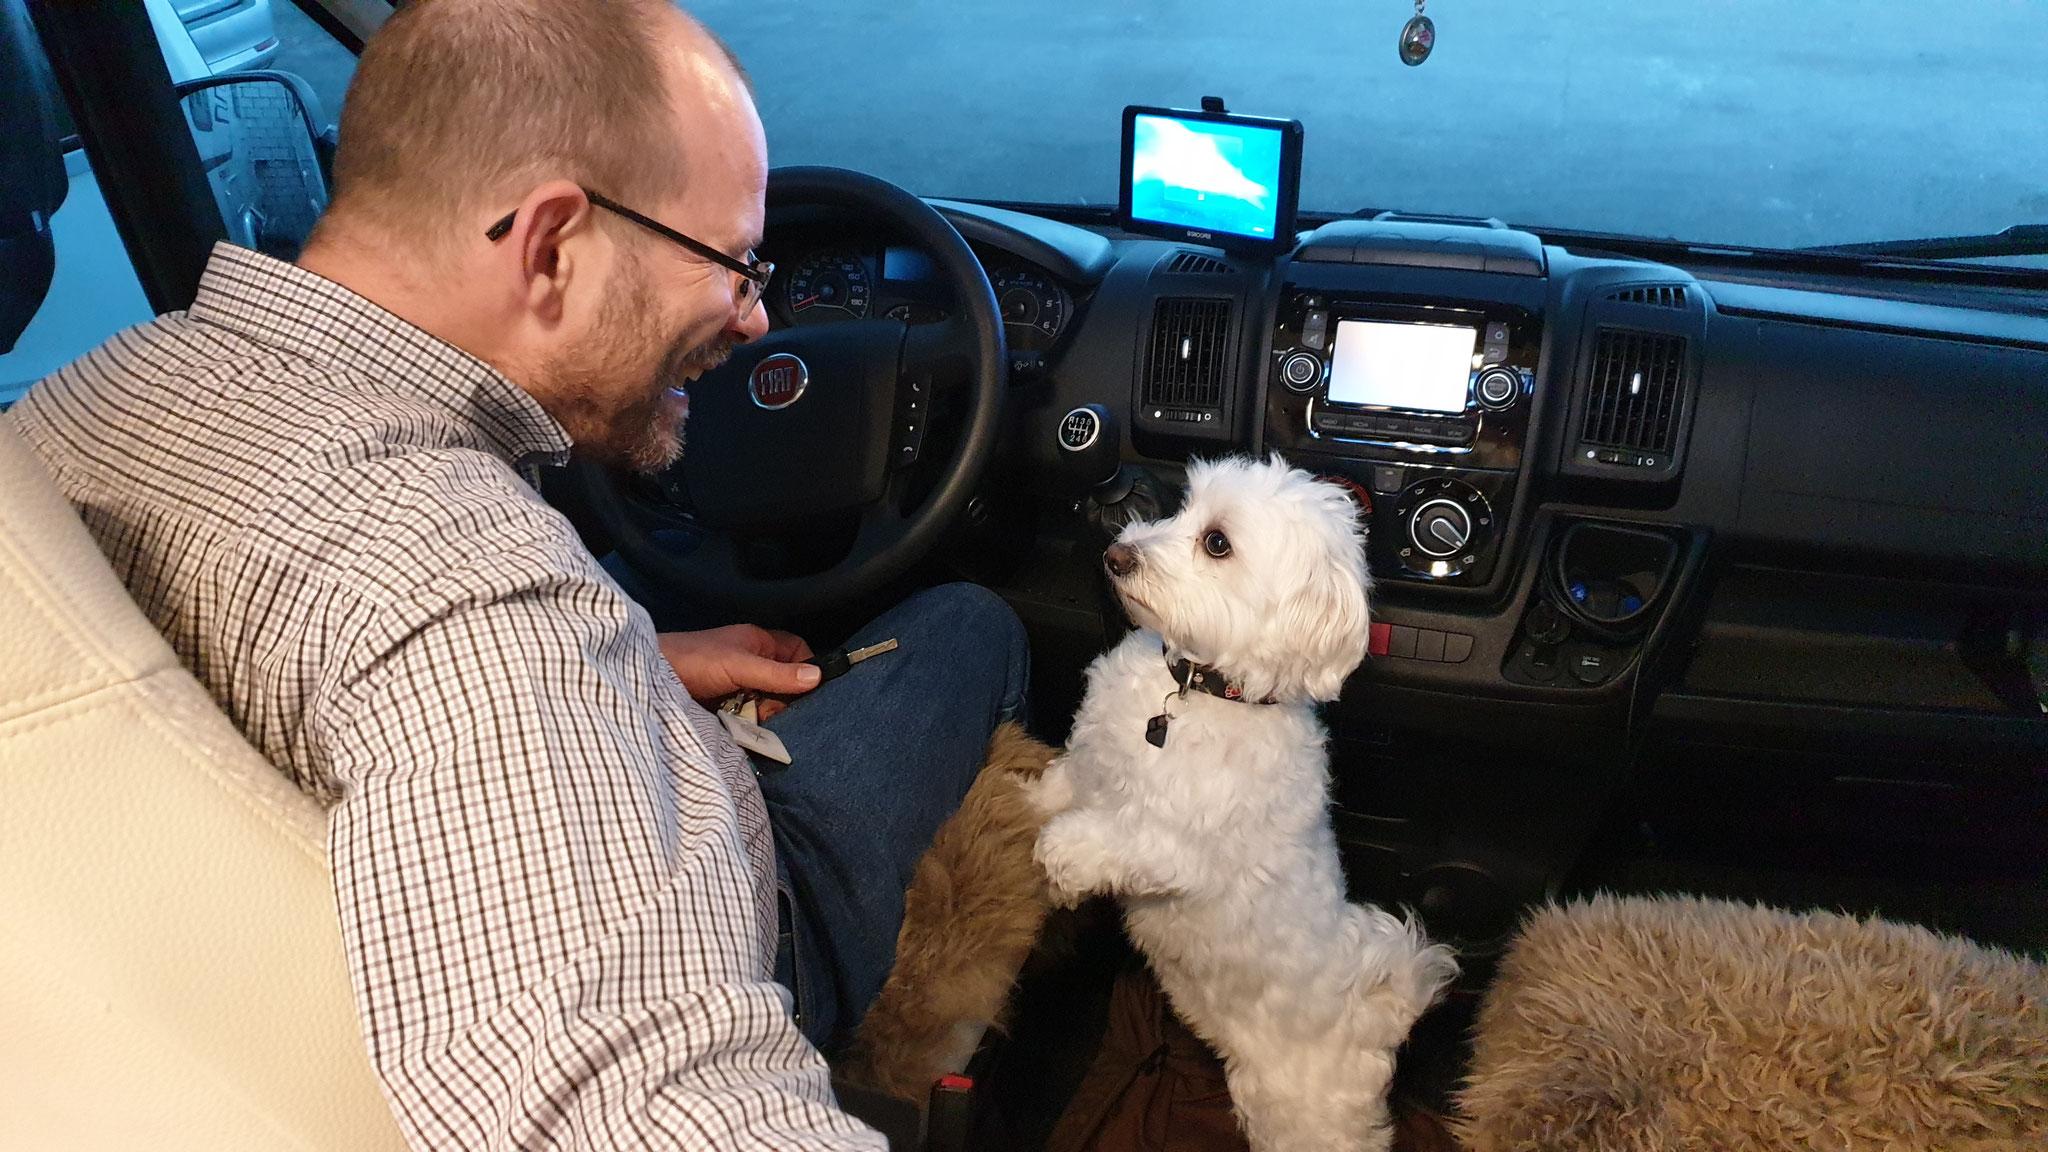 Hey Papa, warum fahren wir nicht los?